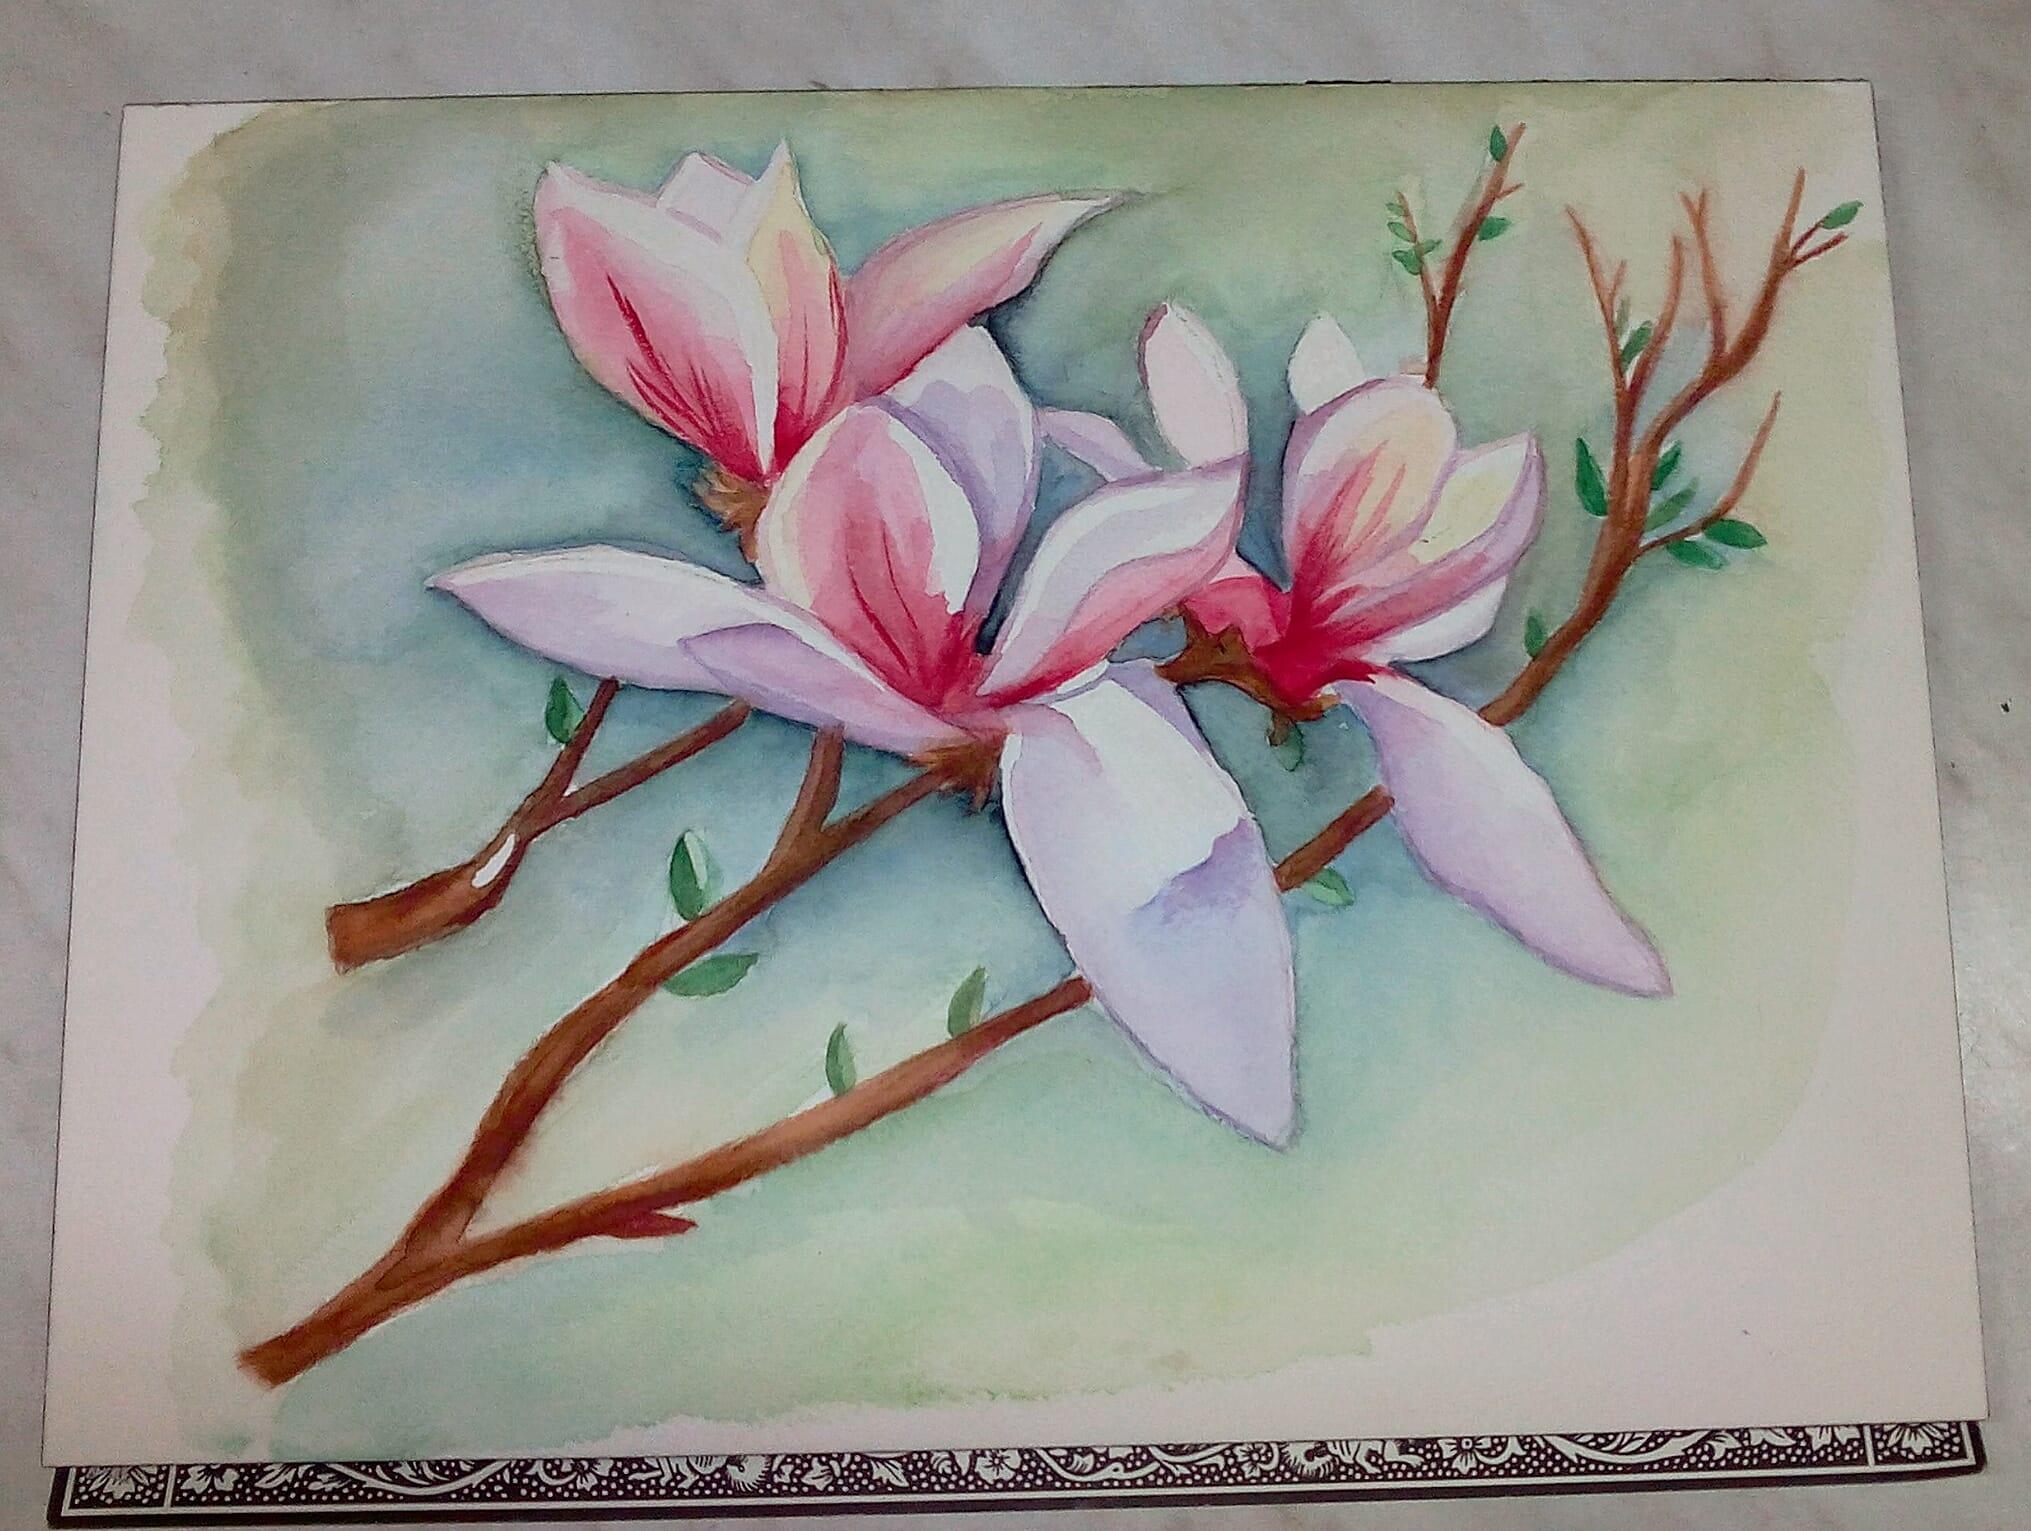 Una flor pintada por Arantxa. El fondo es verde, hay unas ramas con una hojas, y en le centro unas orquídeas rosas con grandes pétalos. Está pintado con acuarela.